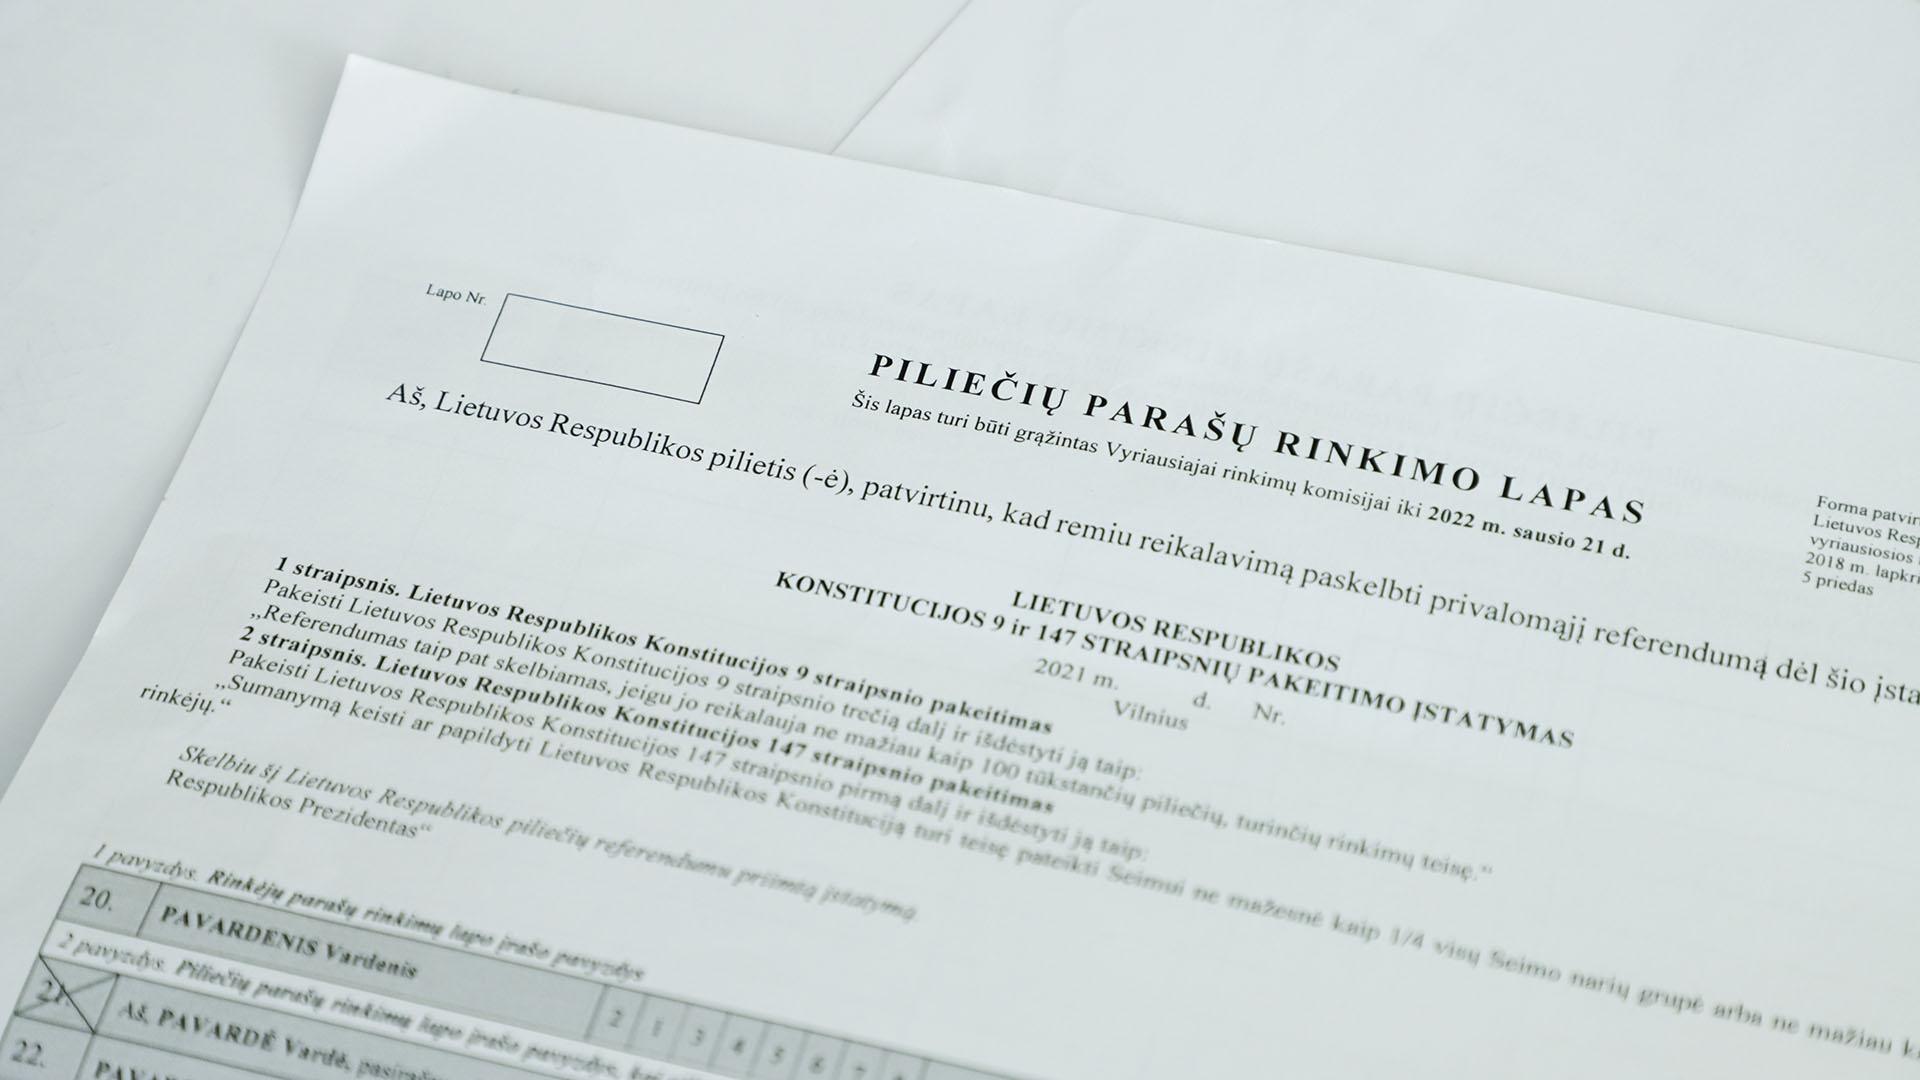 VRK išdavė parašų rinkimo lapus piliečių referendumo iniciatyvinei grupei